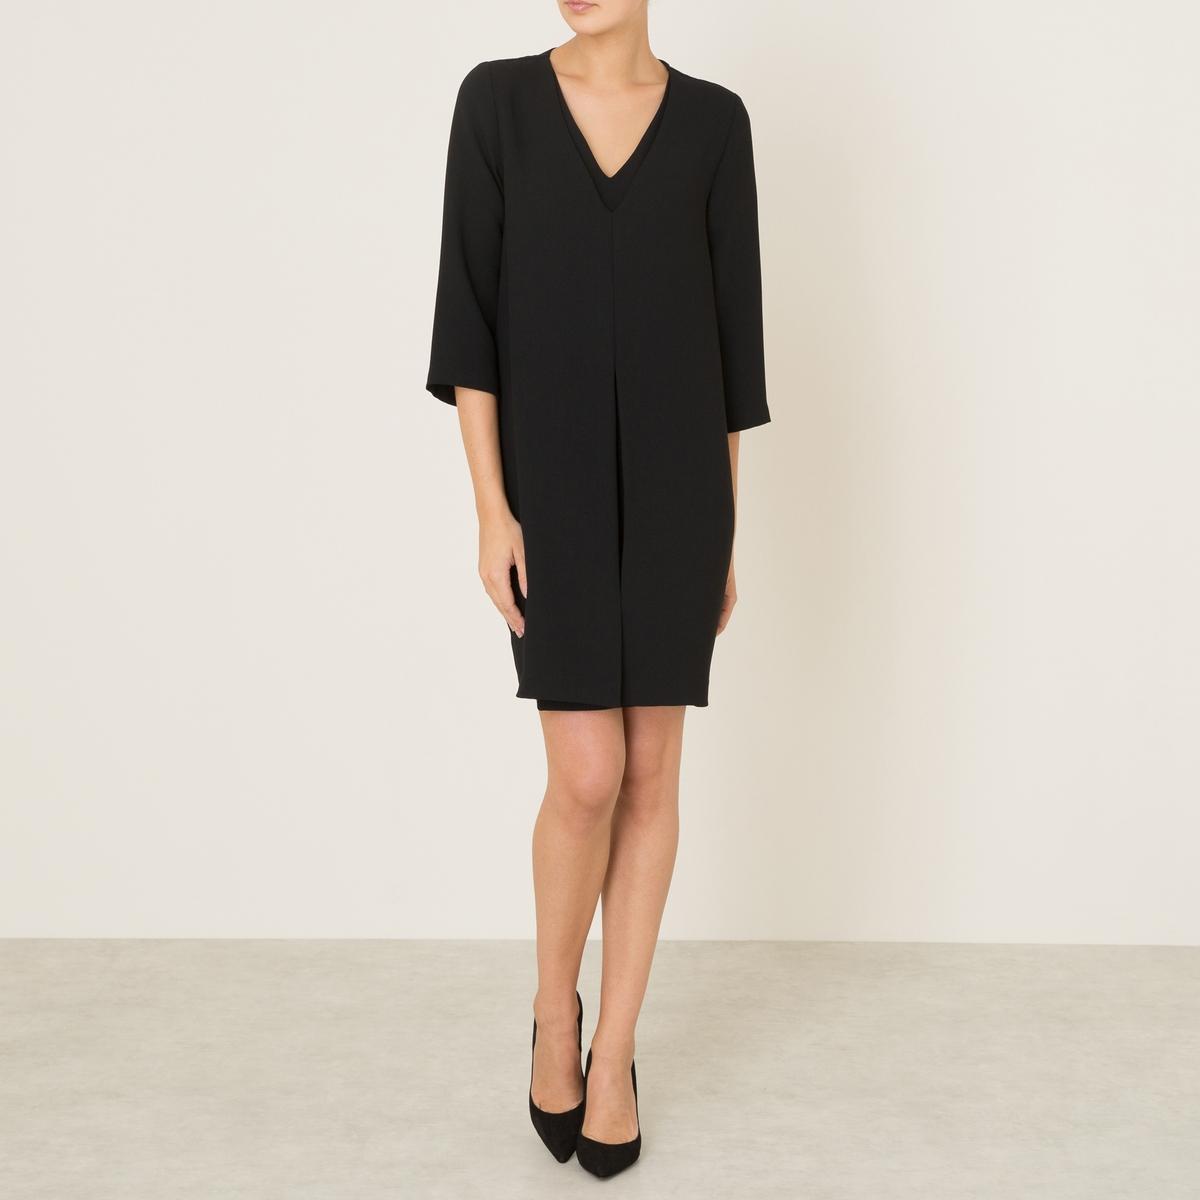 Платье MYRIAMПлатье TOUPY, модель MYRIAM. V-образный вырез спереди и сзади. Рукава ?. Небольшая складка внутрь спереди. 2 кармана в боковых швах. Подкладка   .Состав и описаниеМатериал : 100% полиэстер Длина : 88 см. (для размера S)Марка : TOUPY<br><br>Цвет: черный/ черный<br>Размер: XS